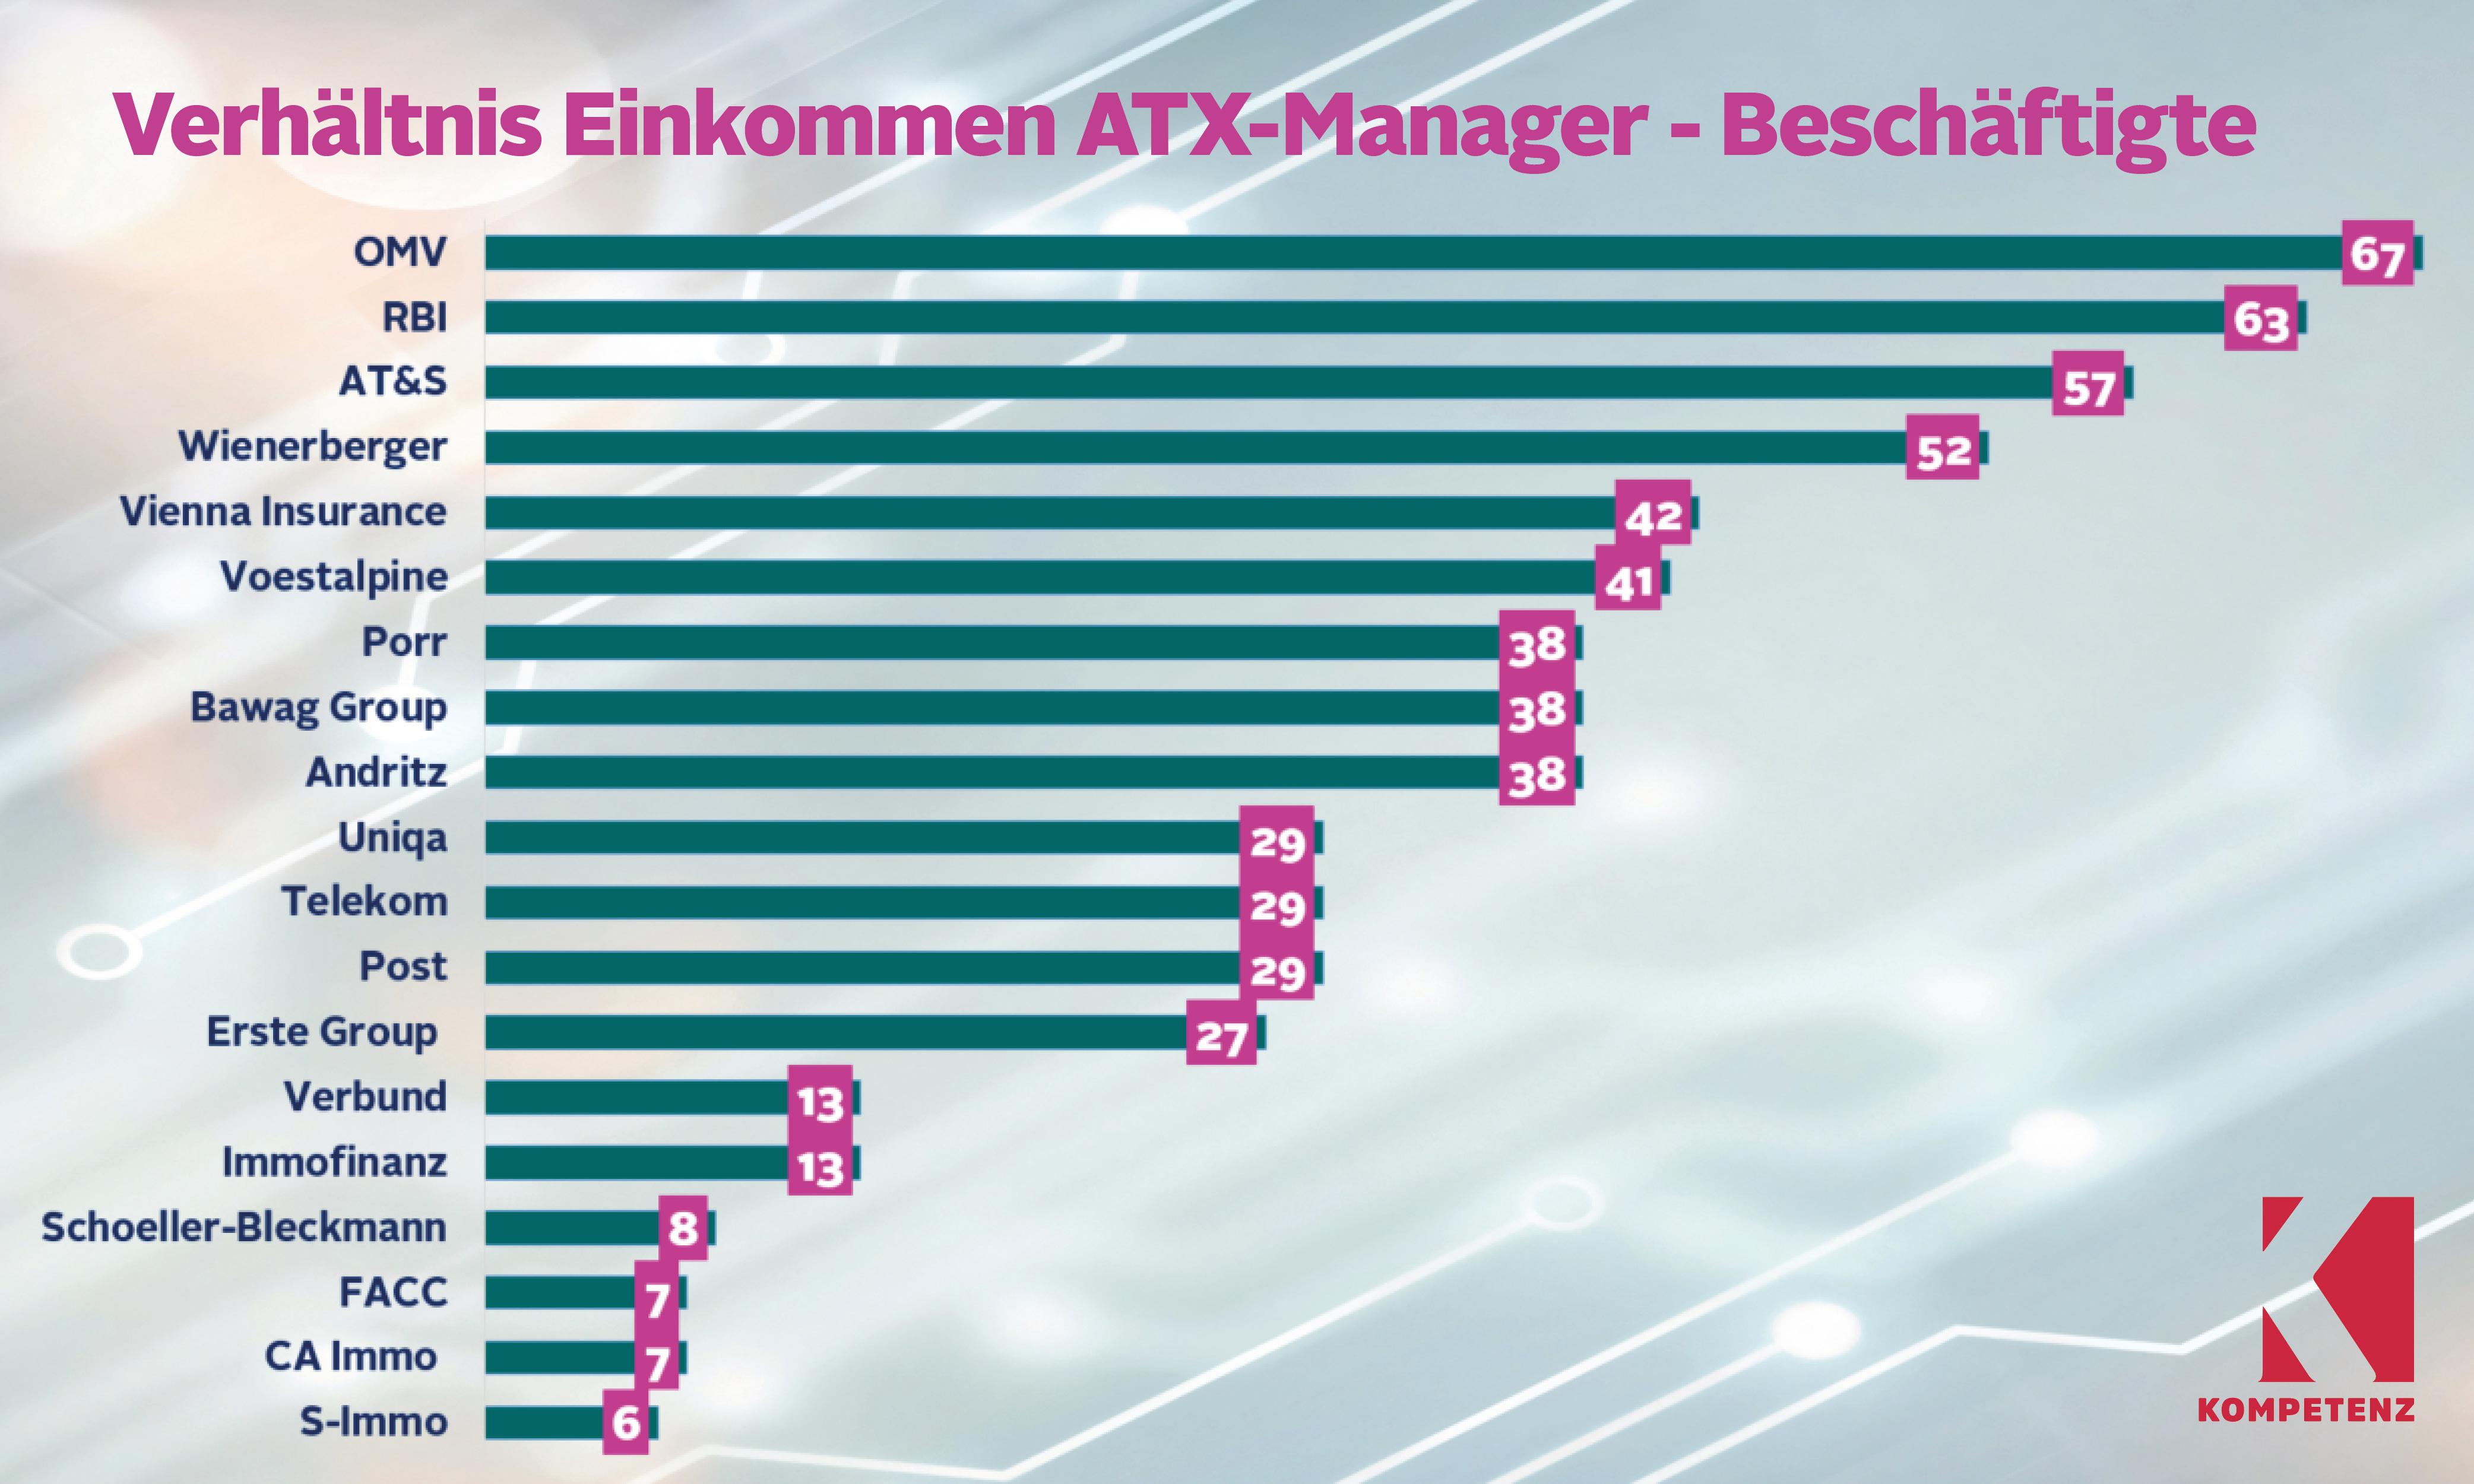 Grafik: Verhältnis Einkommen ATX-Manager - Beschäftigte